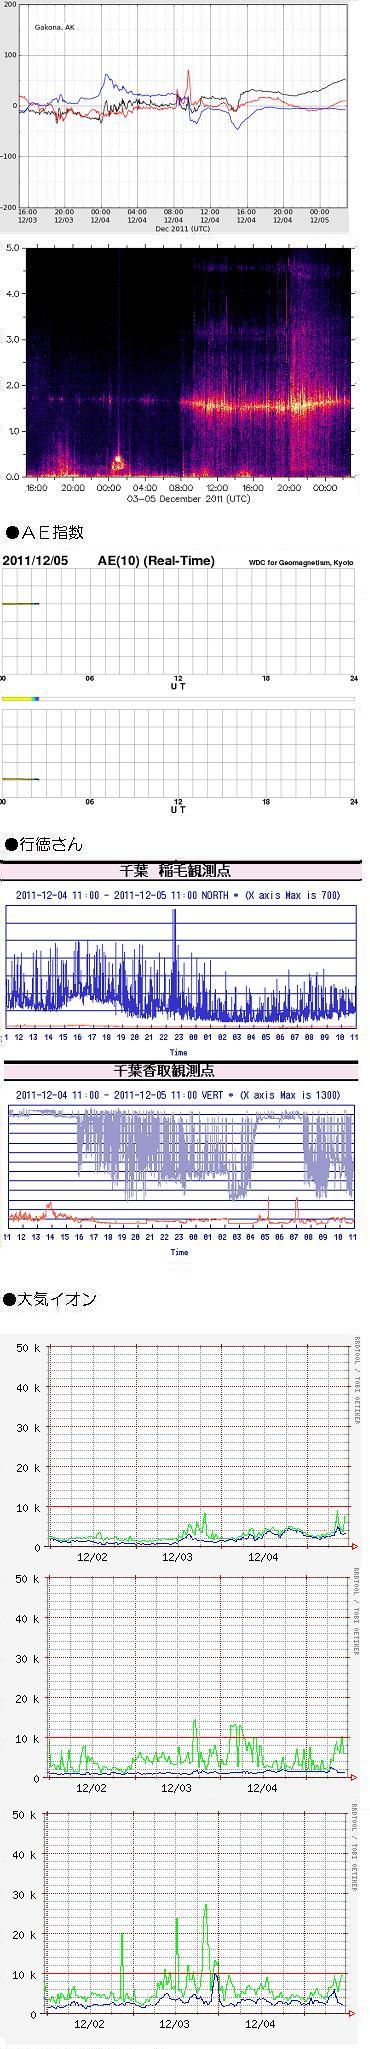 1205-1 データ